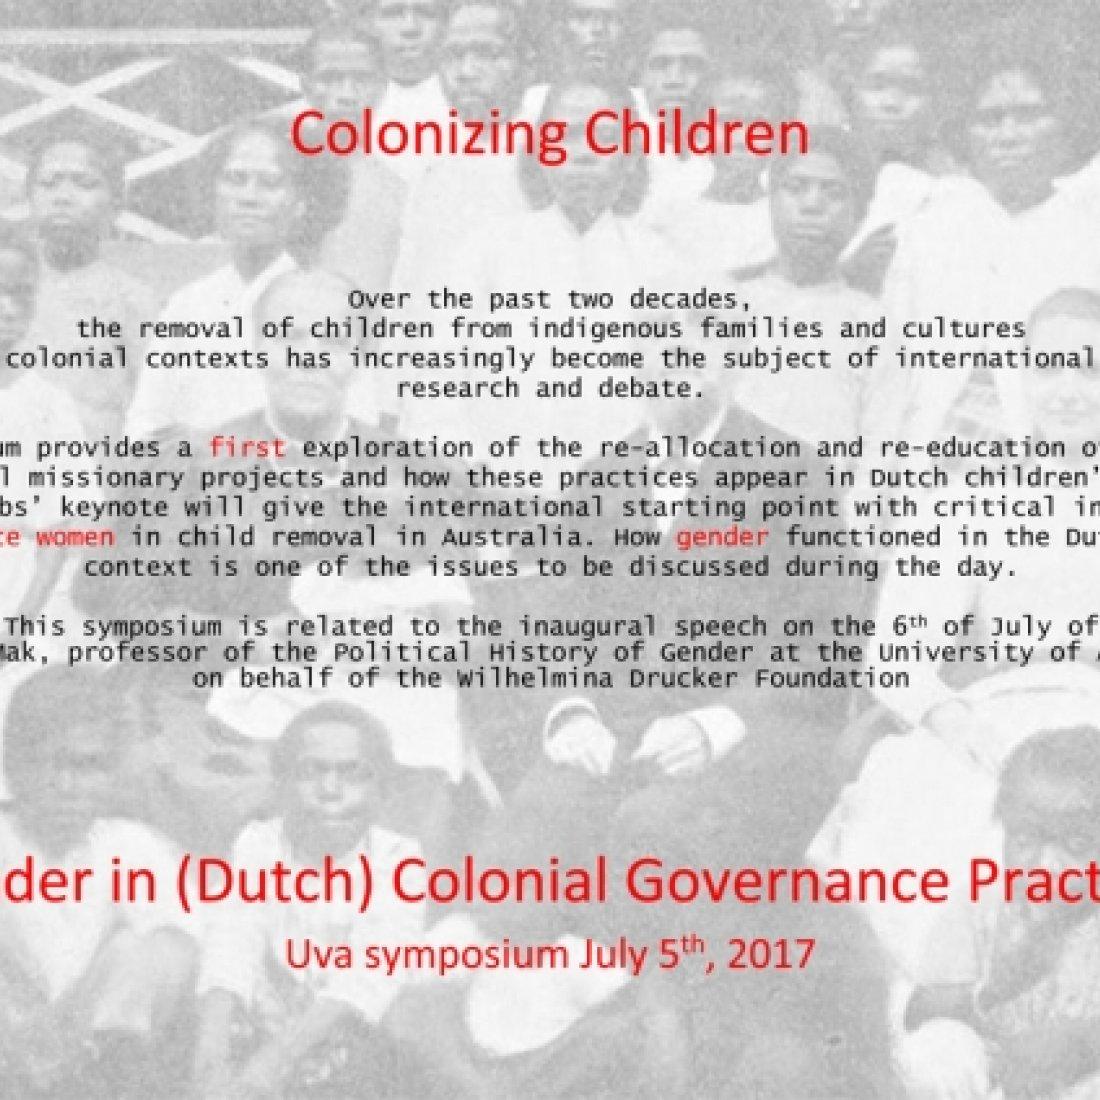 Symposium Colonizing Children 2017